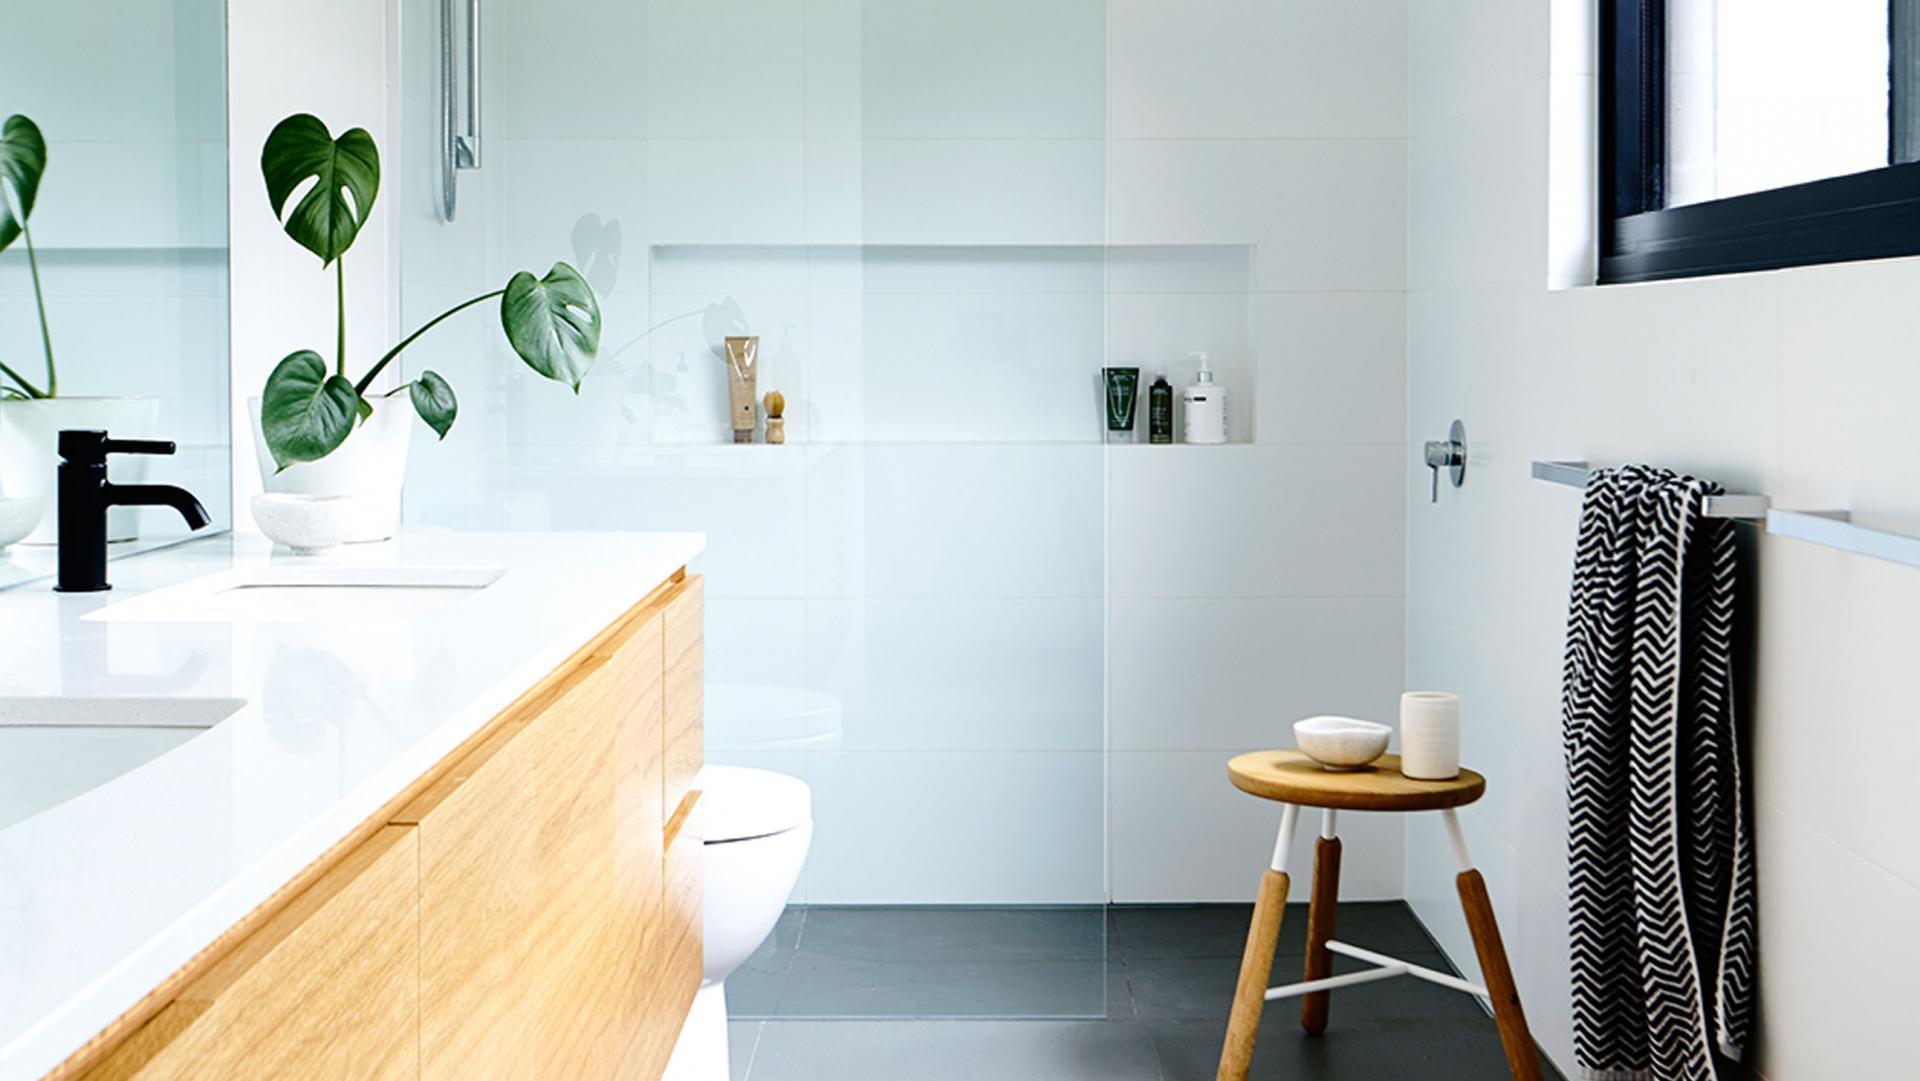 prix moyens d une salle de bain sol